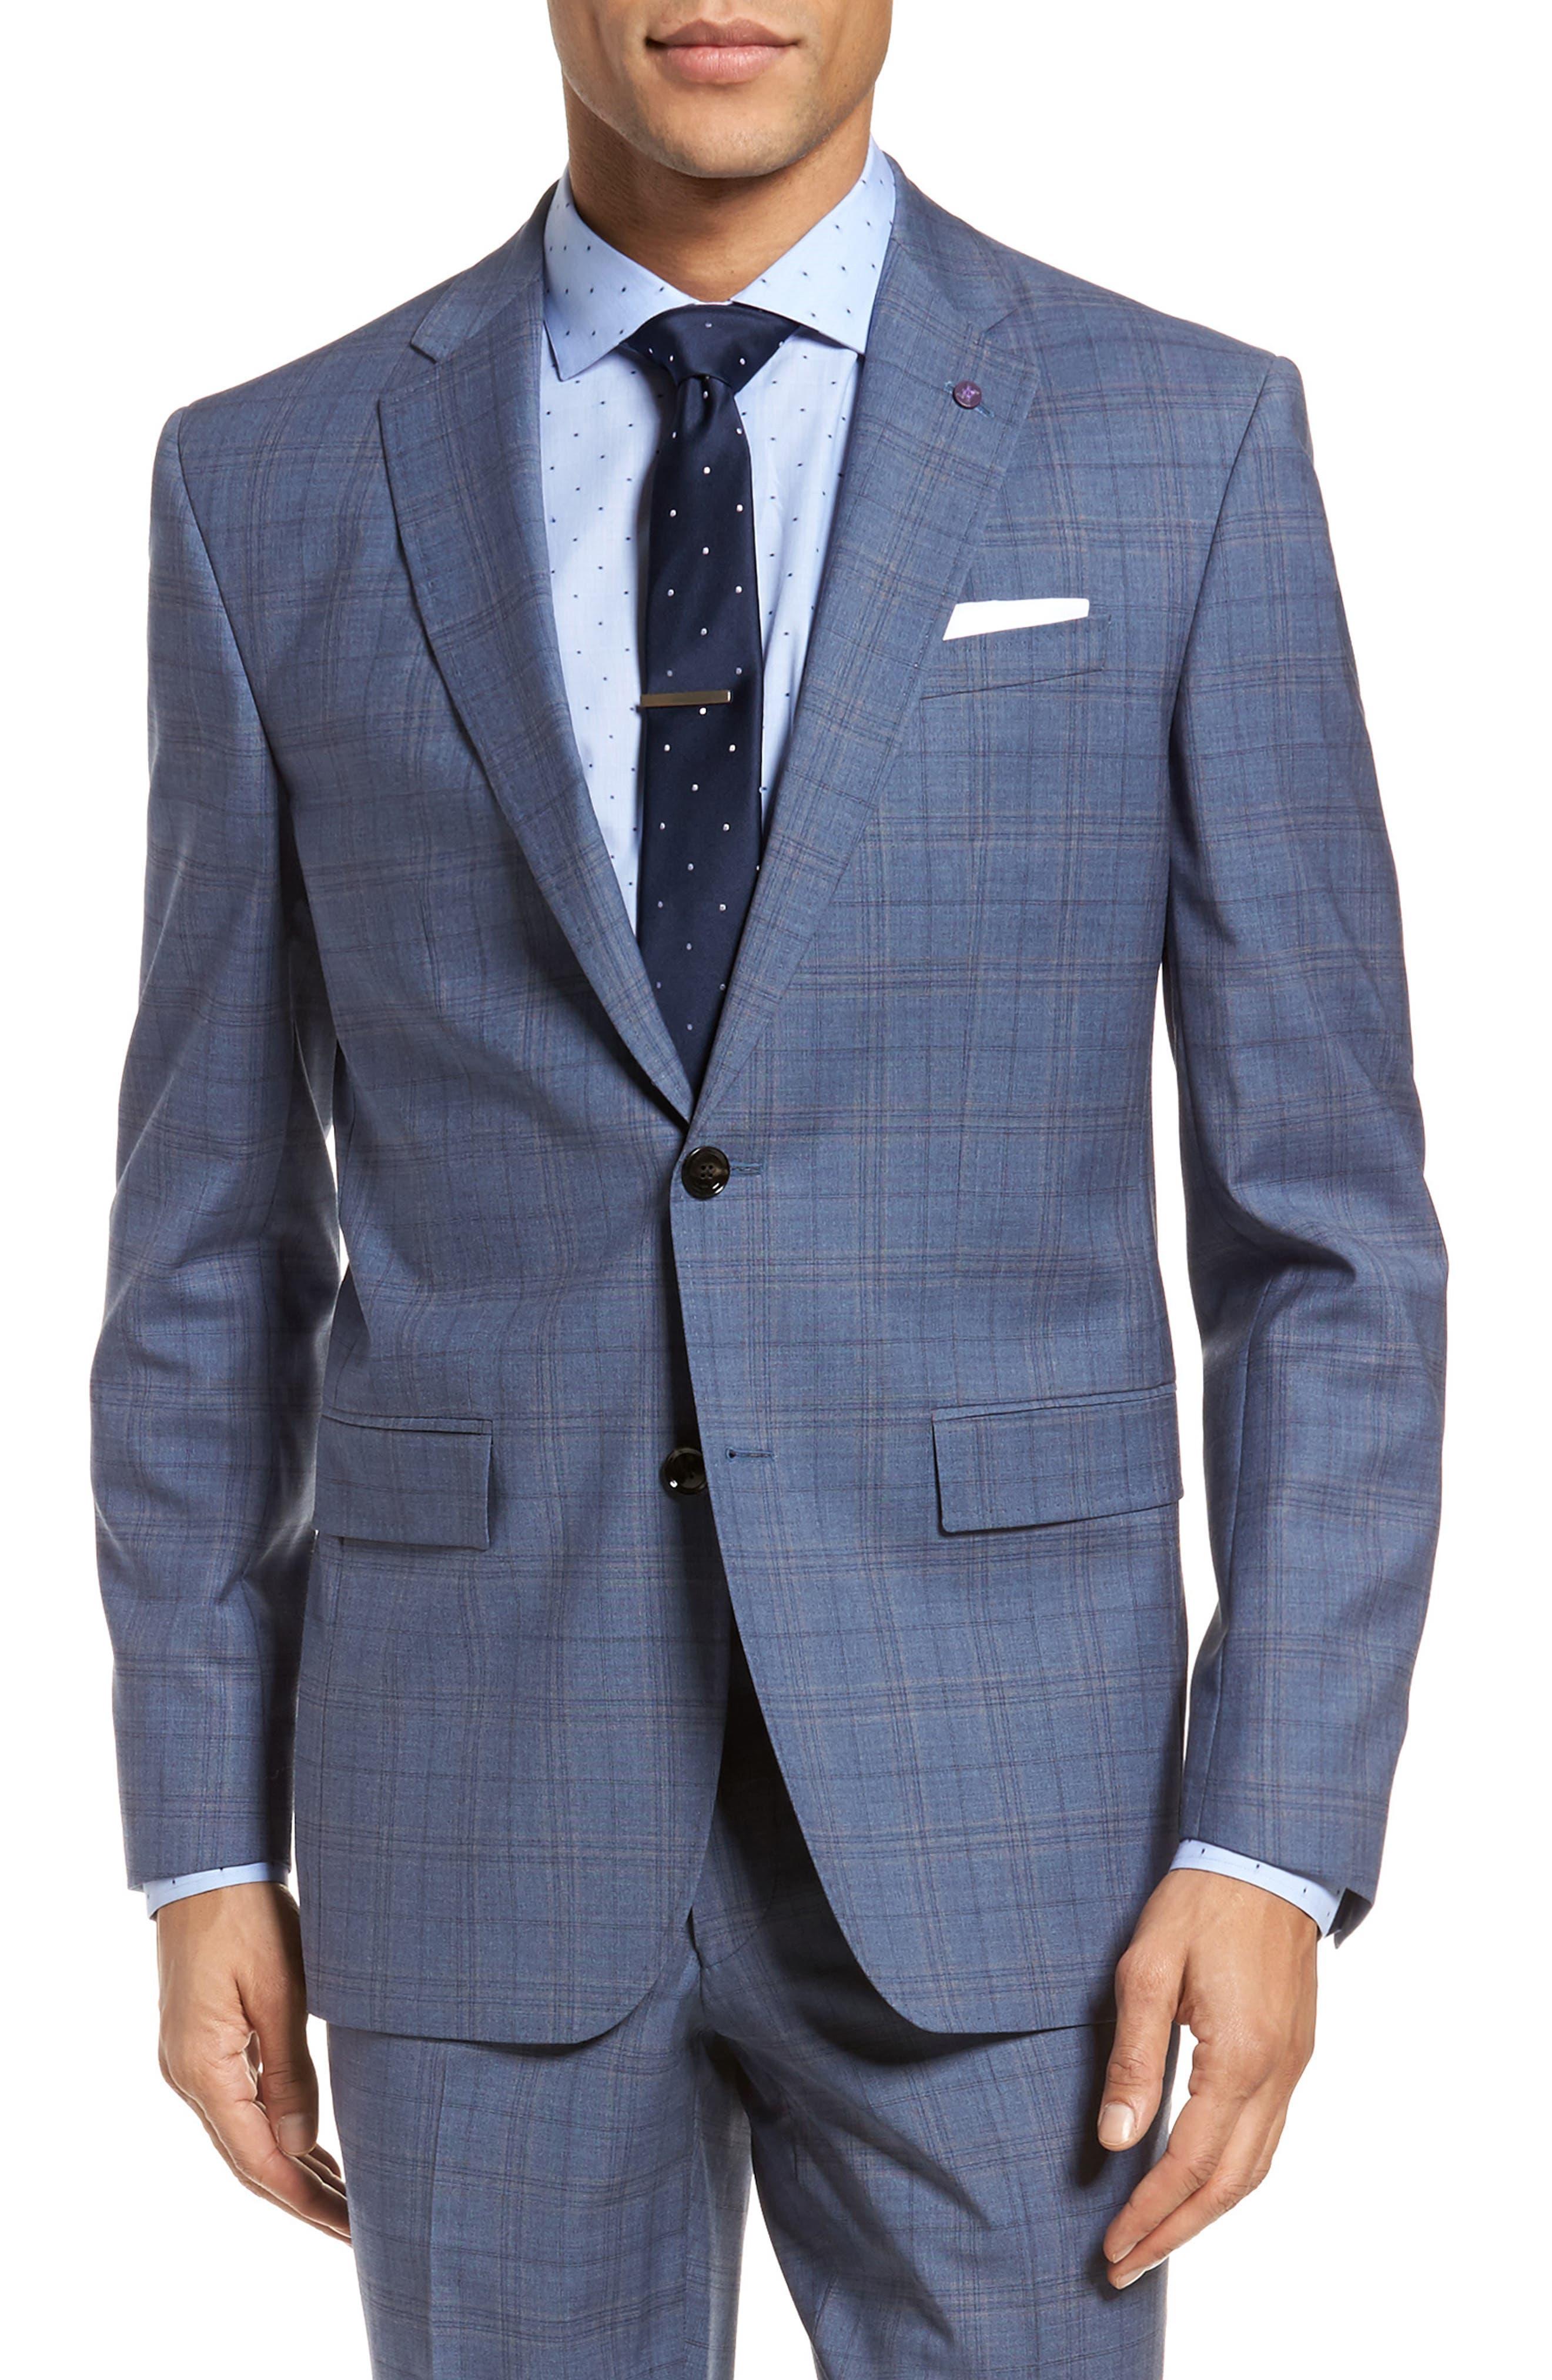 Jay Trim Fit Plaid Wool Suit,                             Alternate thumbnail 6, color,                             Blue